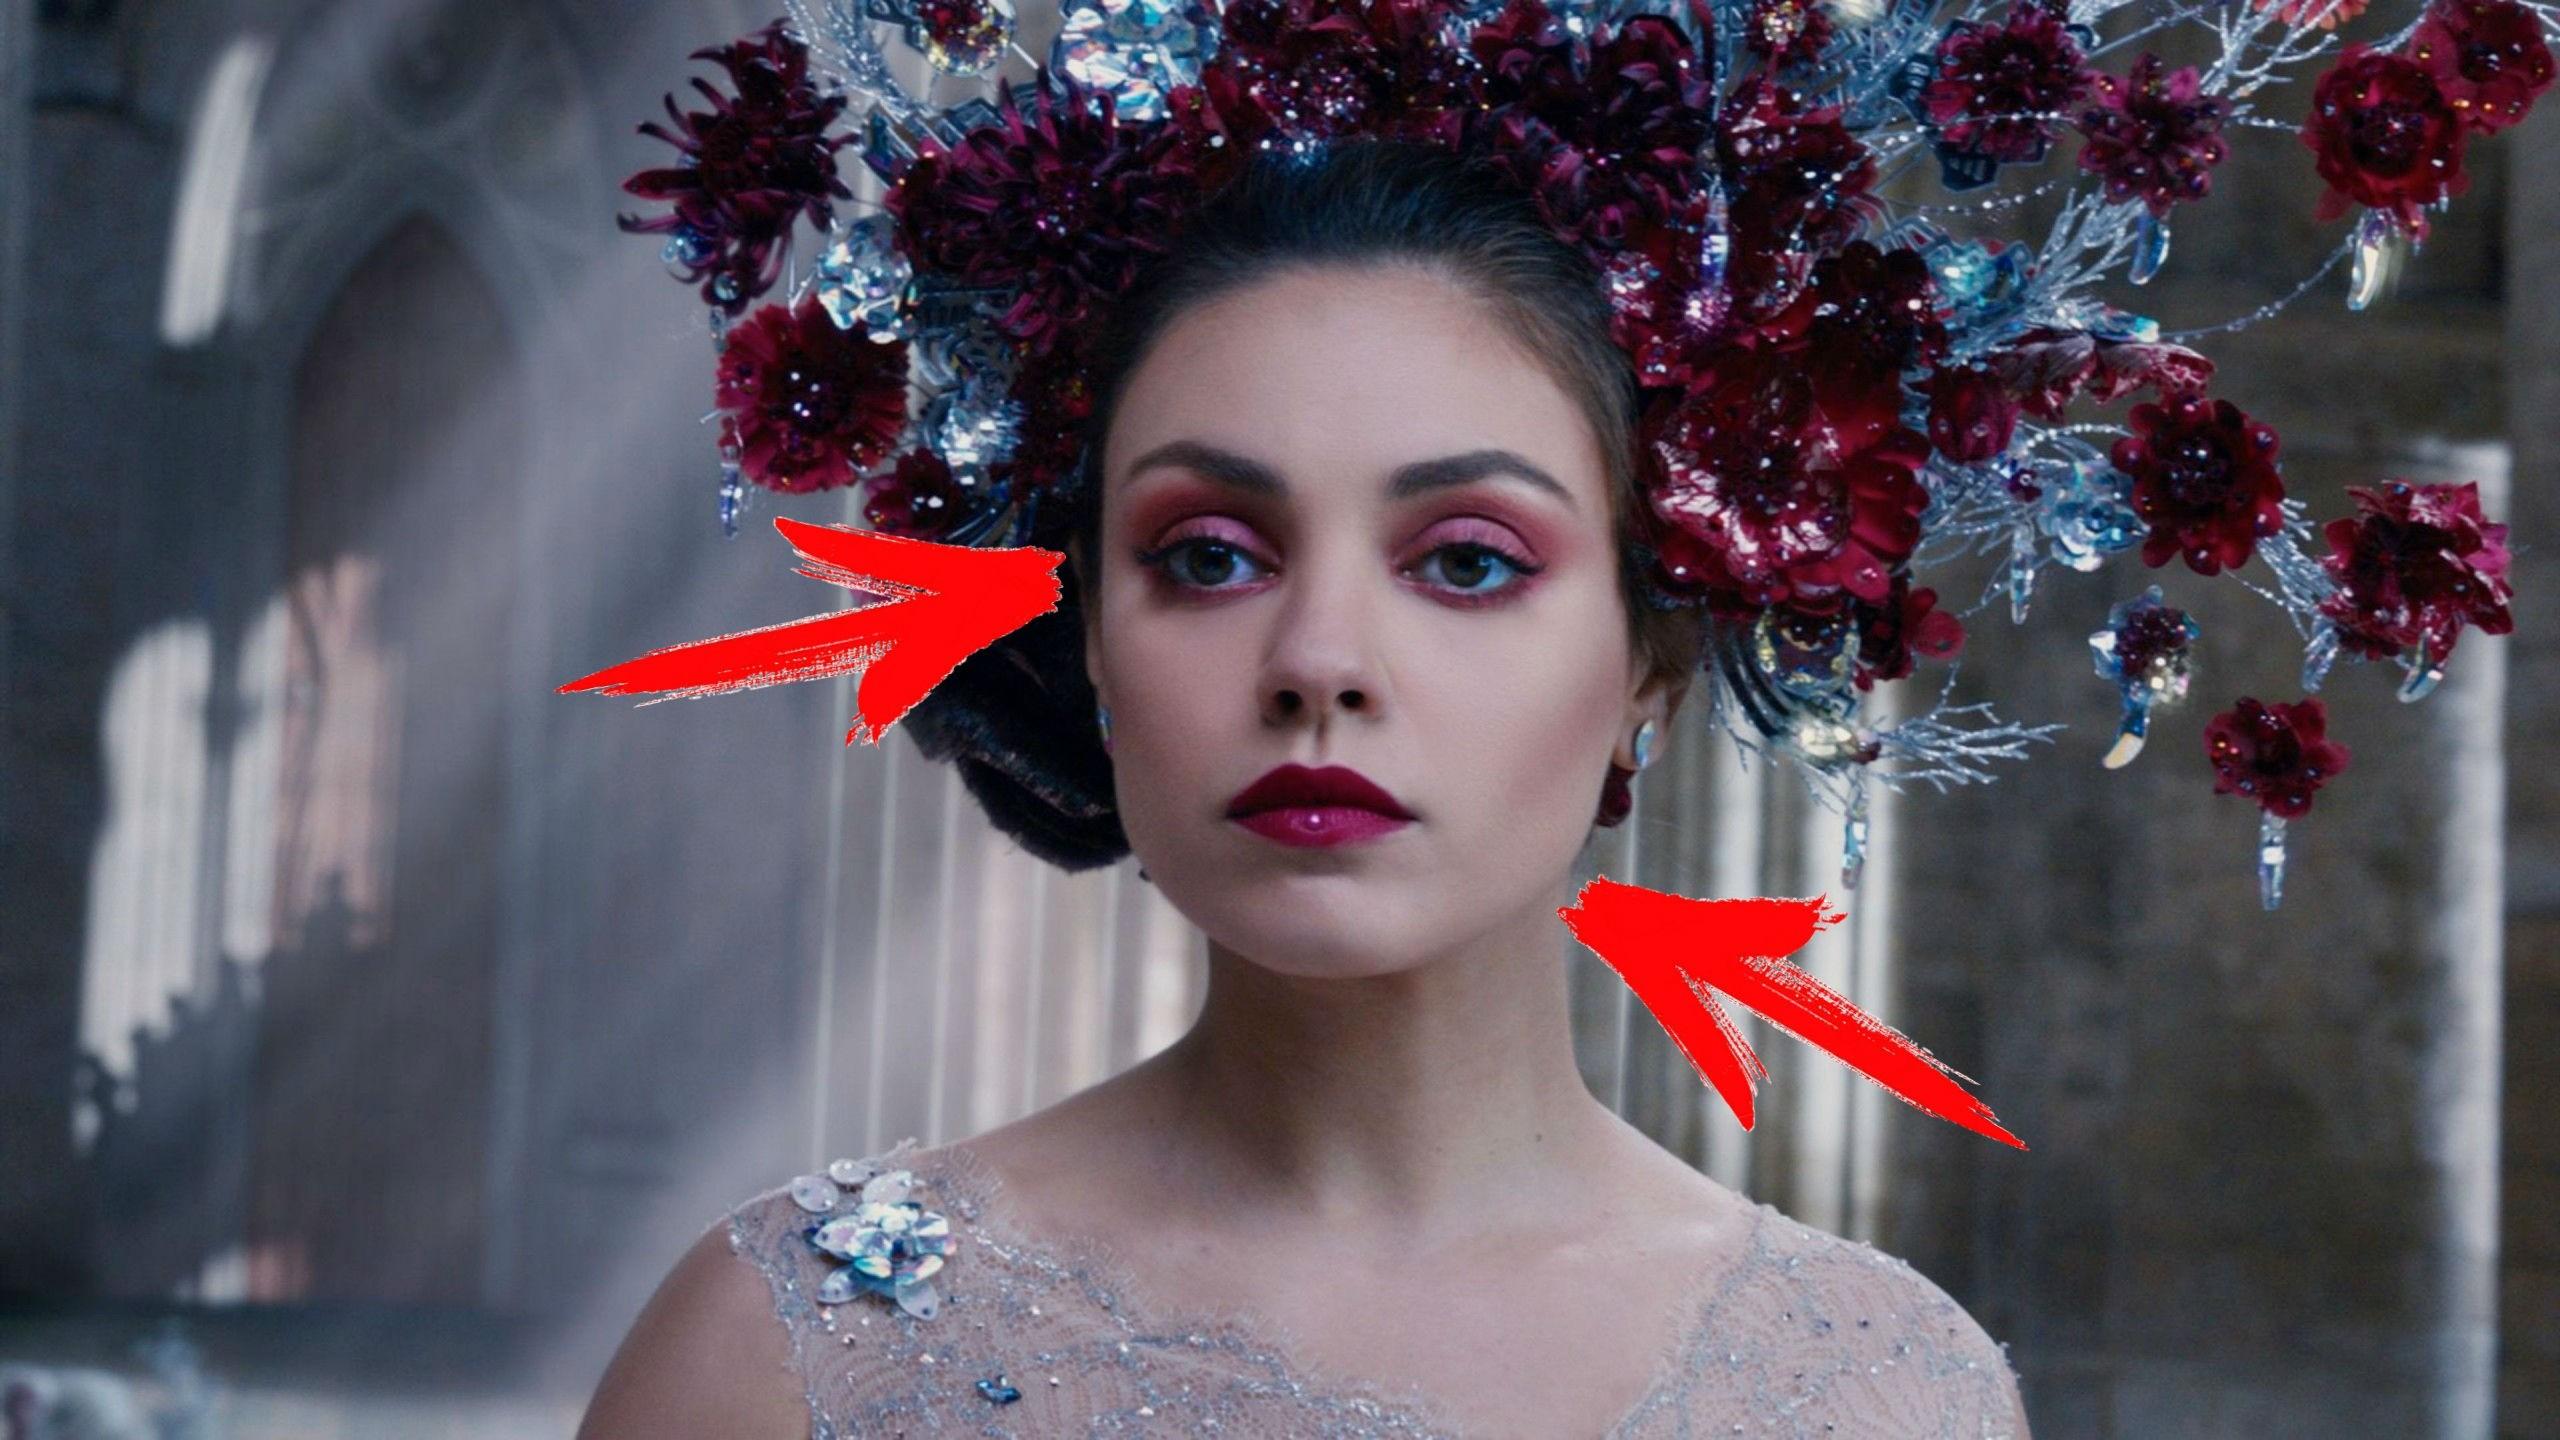 5 ошибок в макияже, на которые любой визажист посмотрит с осуждением